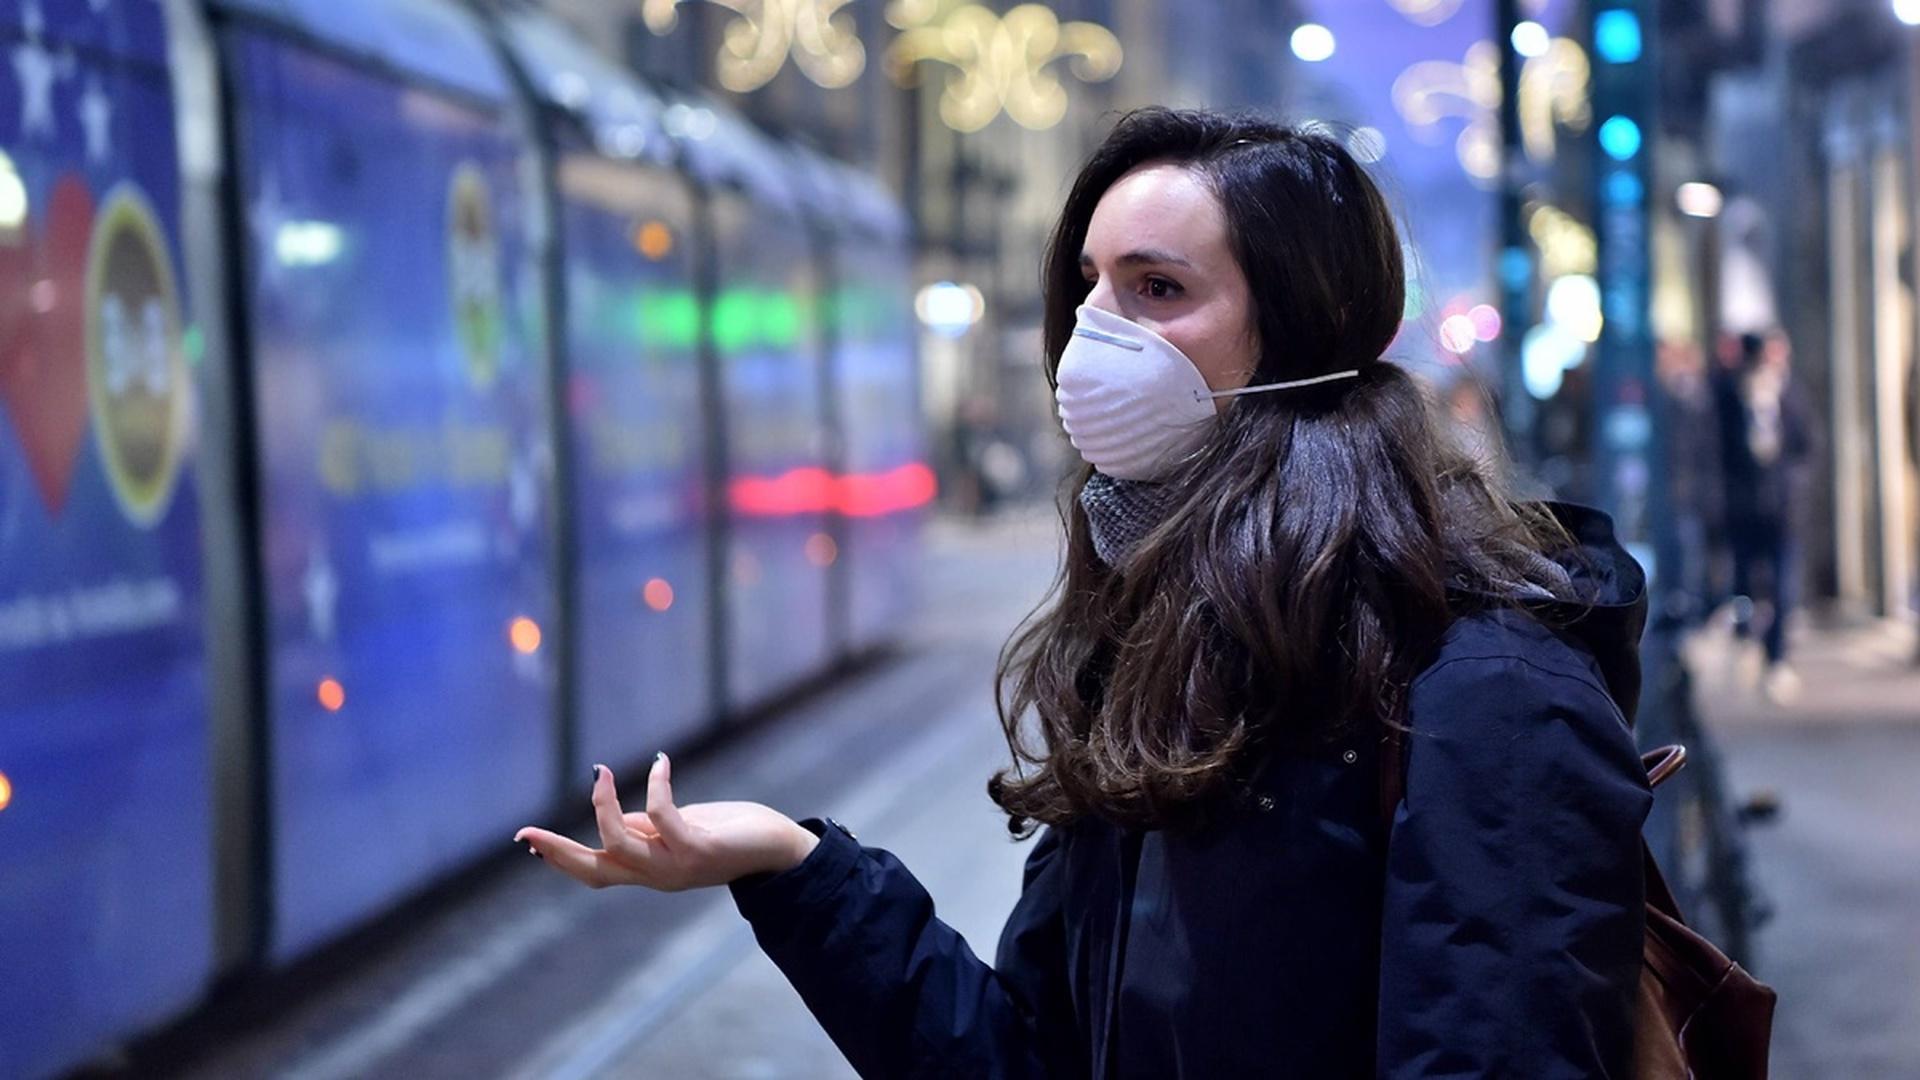 Подростковый психоз связали с загрязненным воздухом